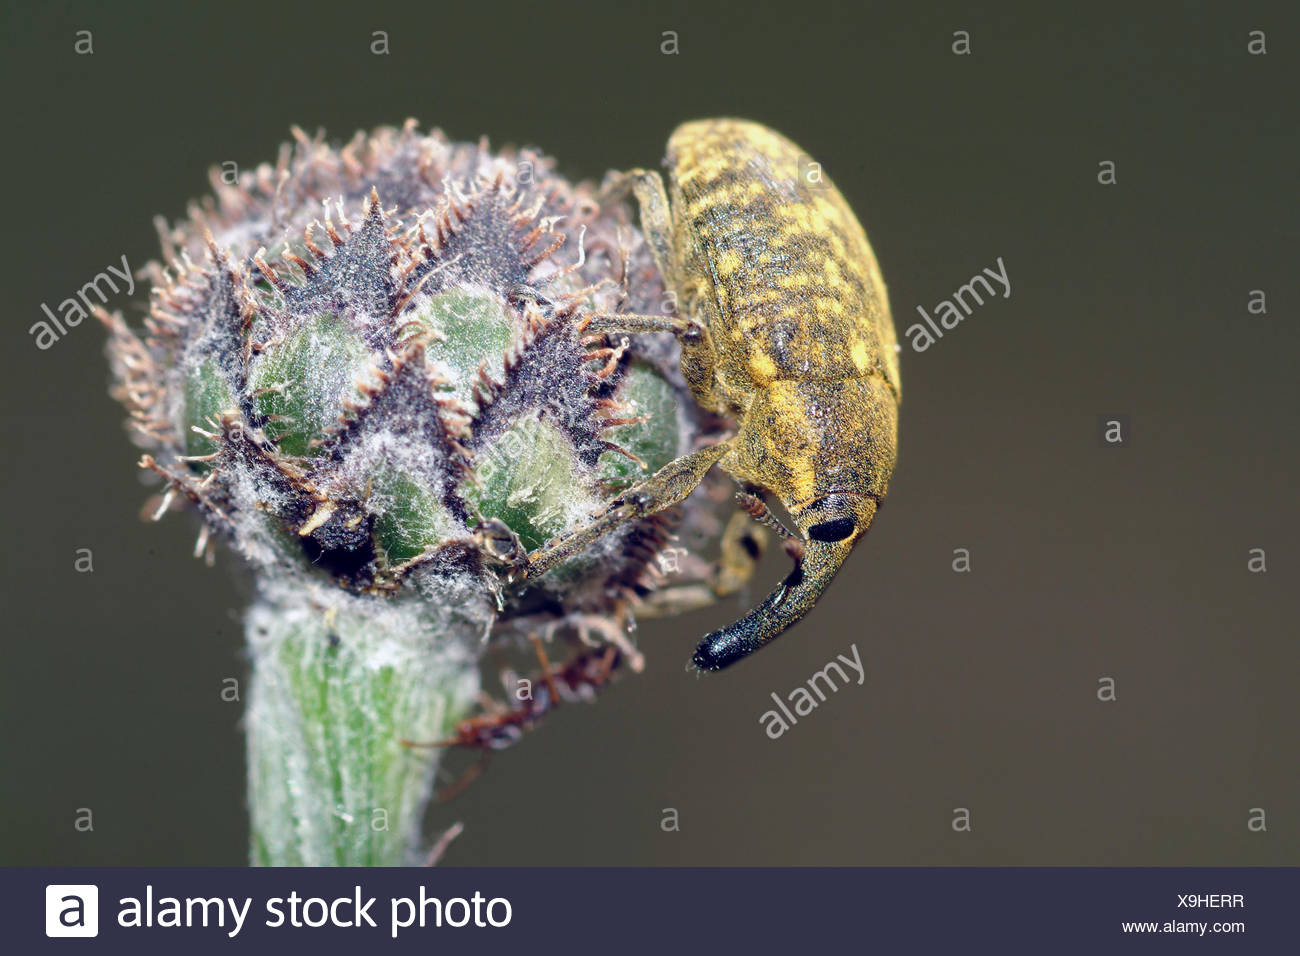 true weevil. (Larinus planus), on flowerbud, Germany - Stock Image